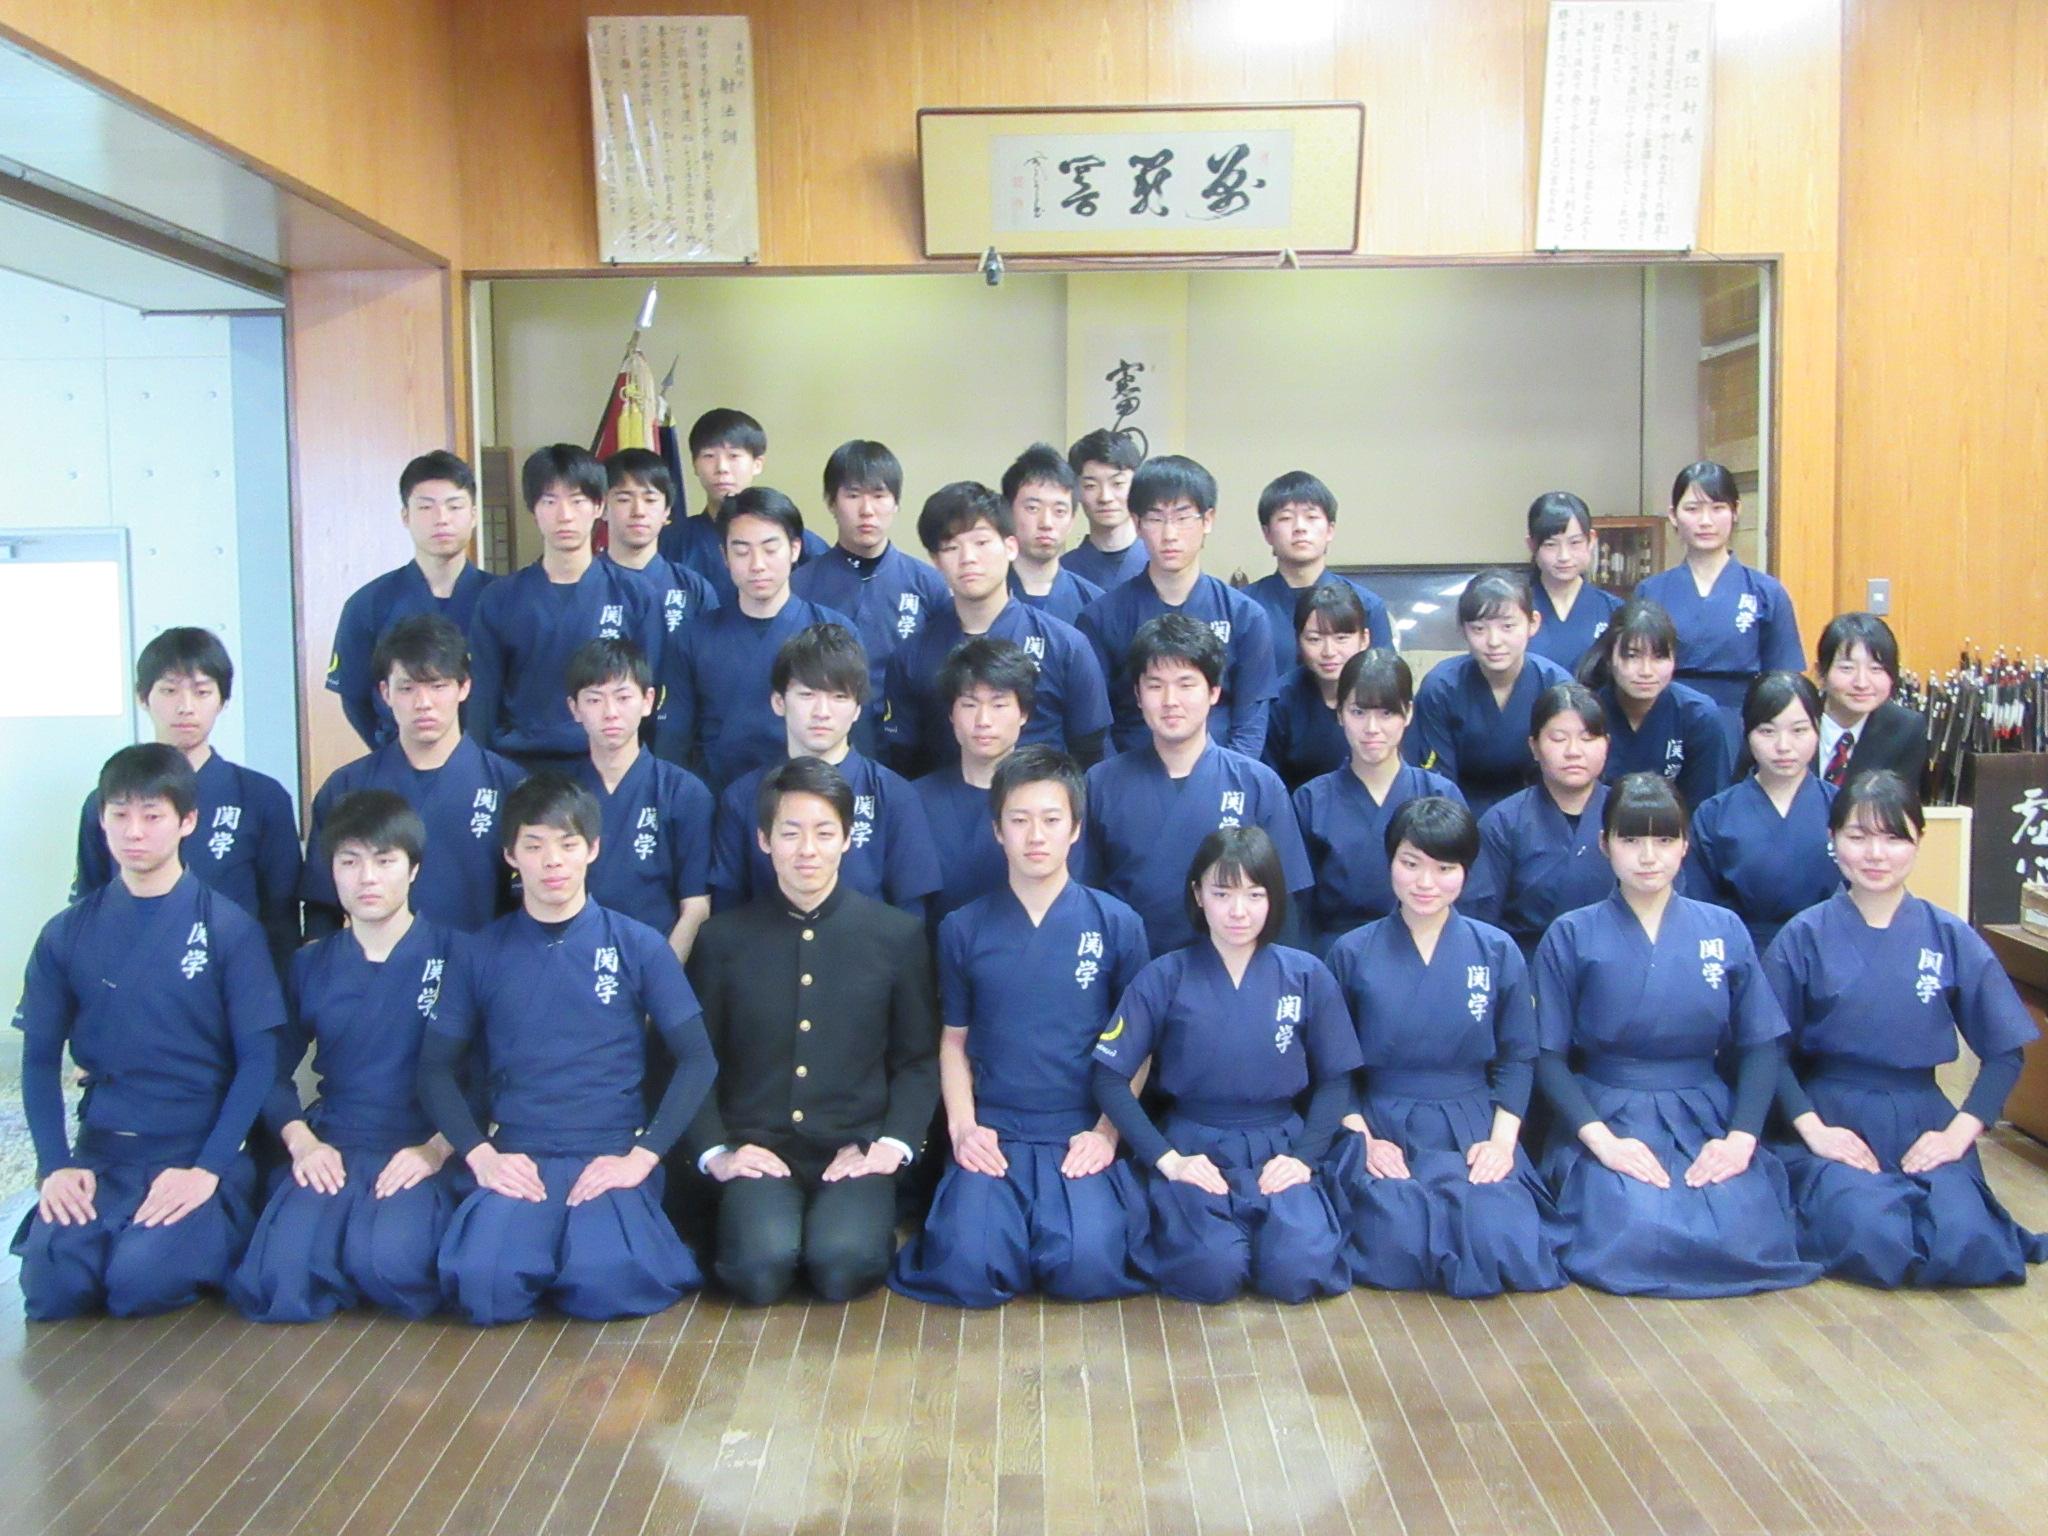 チーム2017、このメンバーで戦います(男子主将の五十嵐と女子副将の東田は就活で不在です)